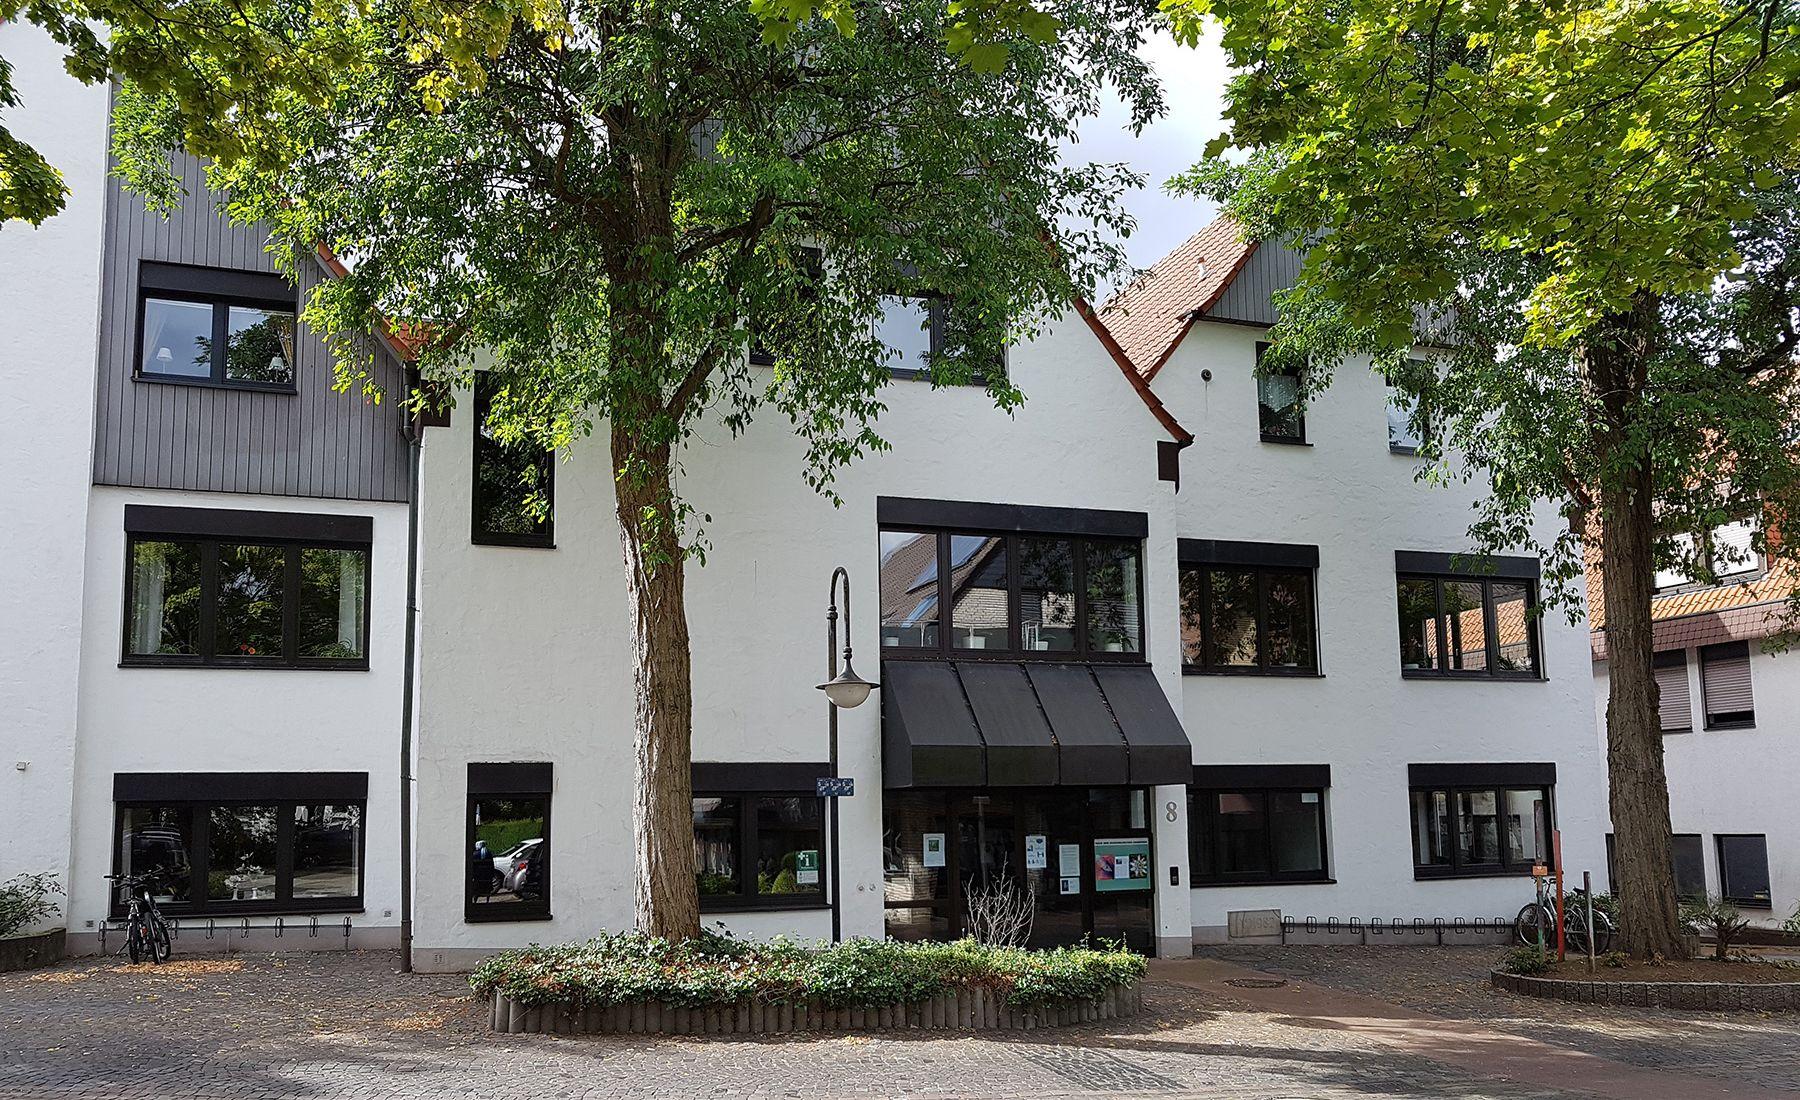 Gemeinde-Mettingen-Versammlungsraum-von-aussen